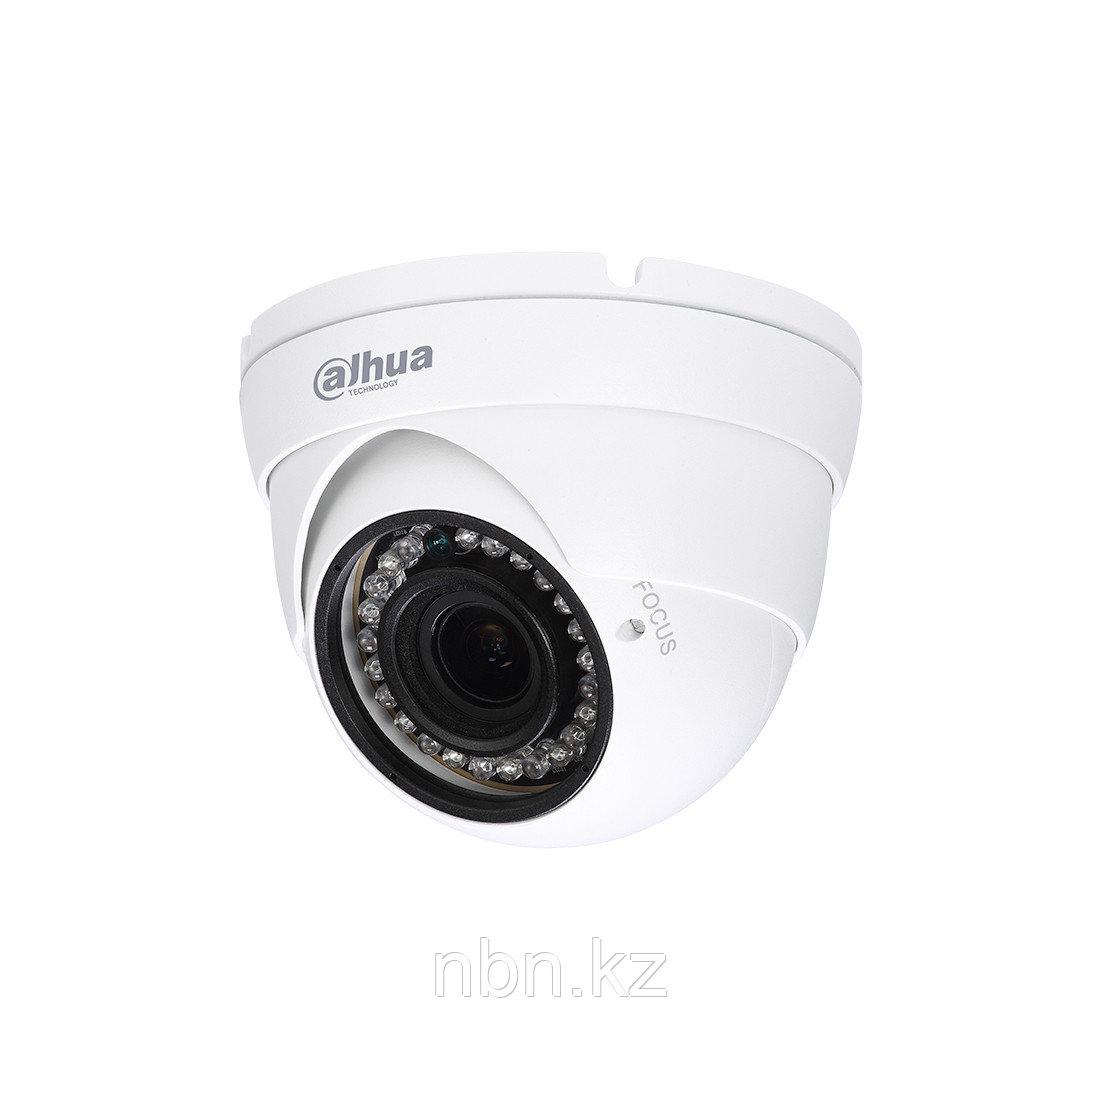 Купольная видеокамера Dahua DH-HAC-HDW1100RP-VF-27135-S3